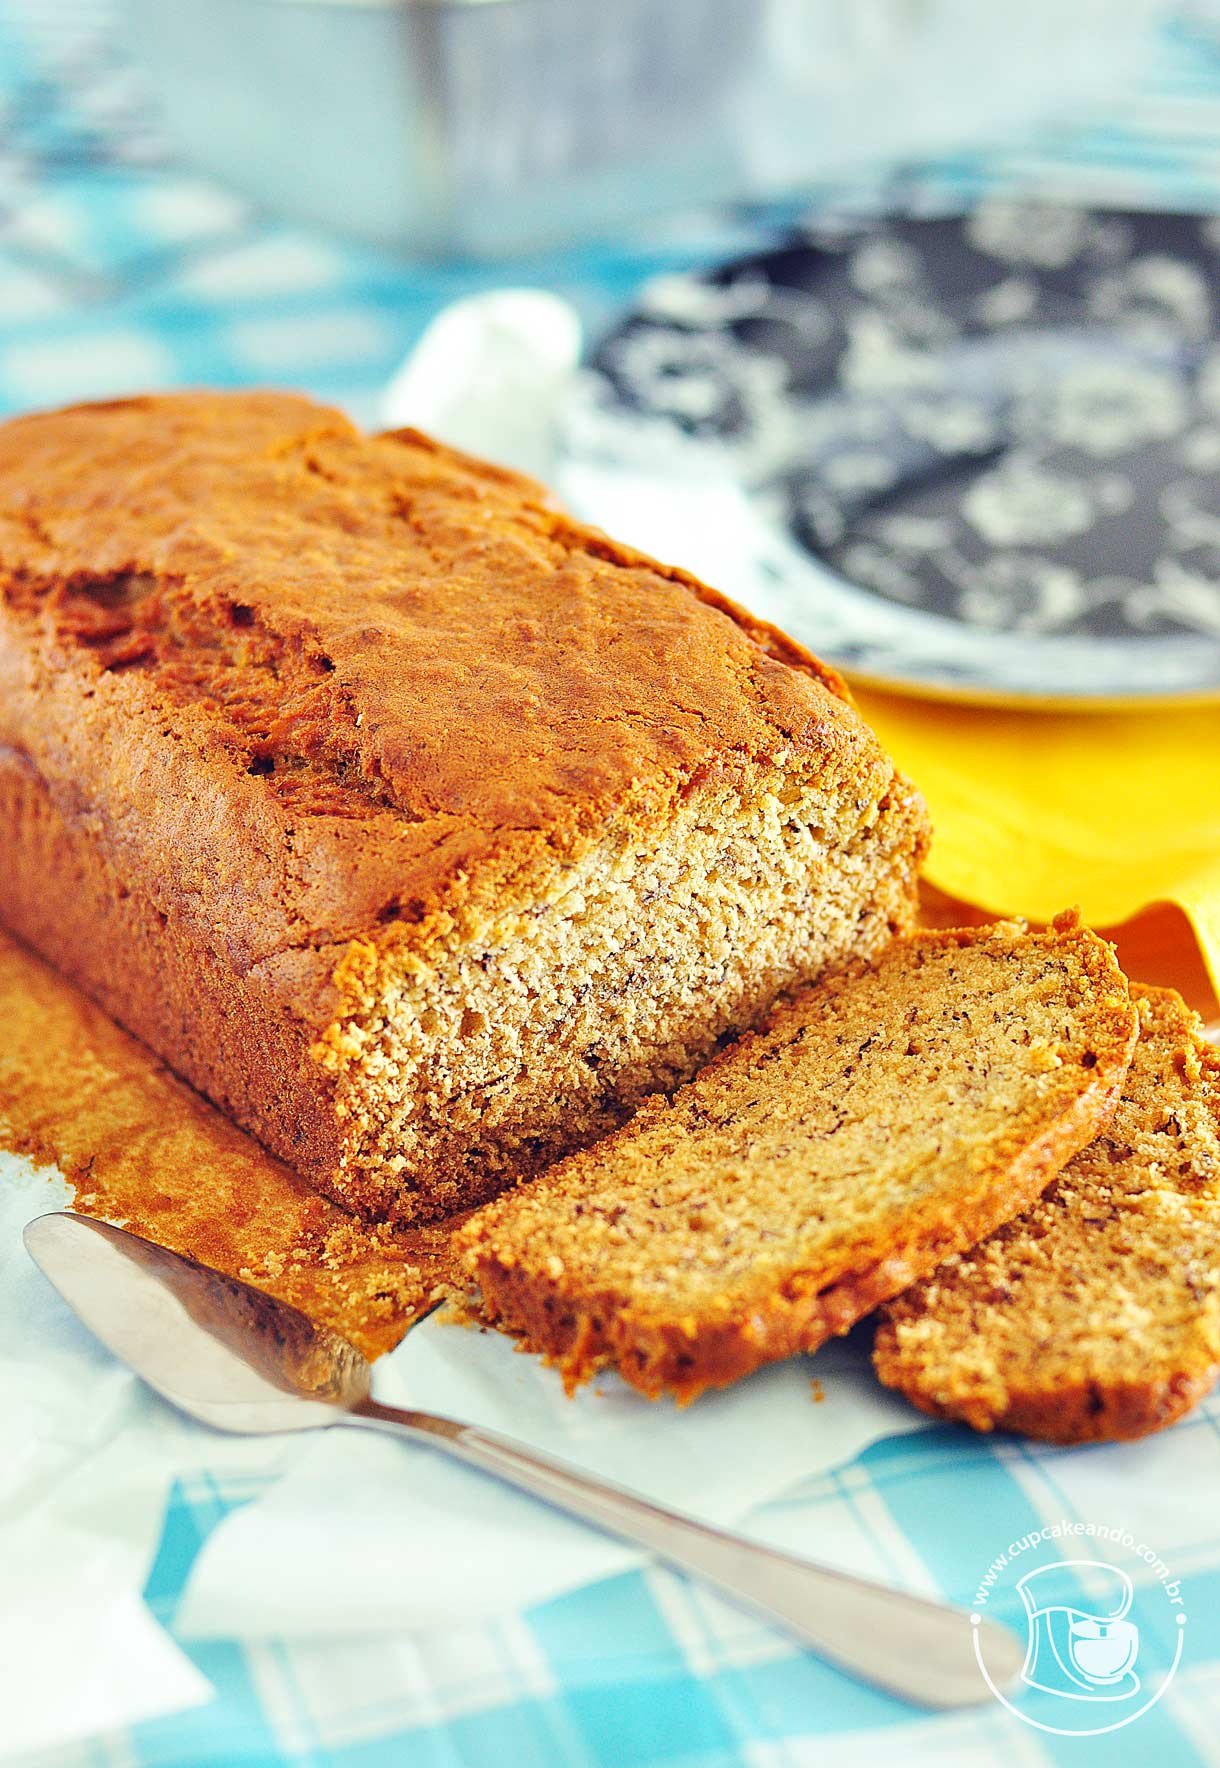 Banana bread, bolopão ou bolo tipo pão de banana